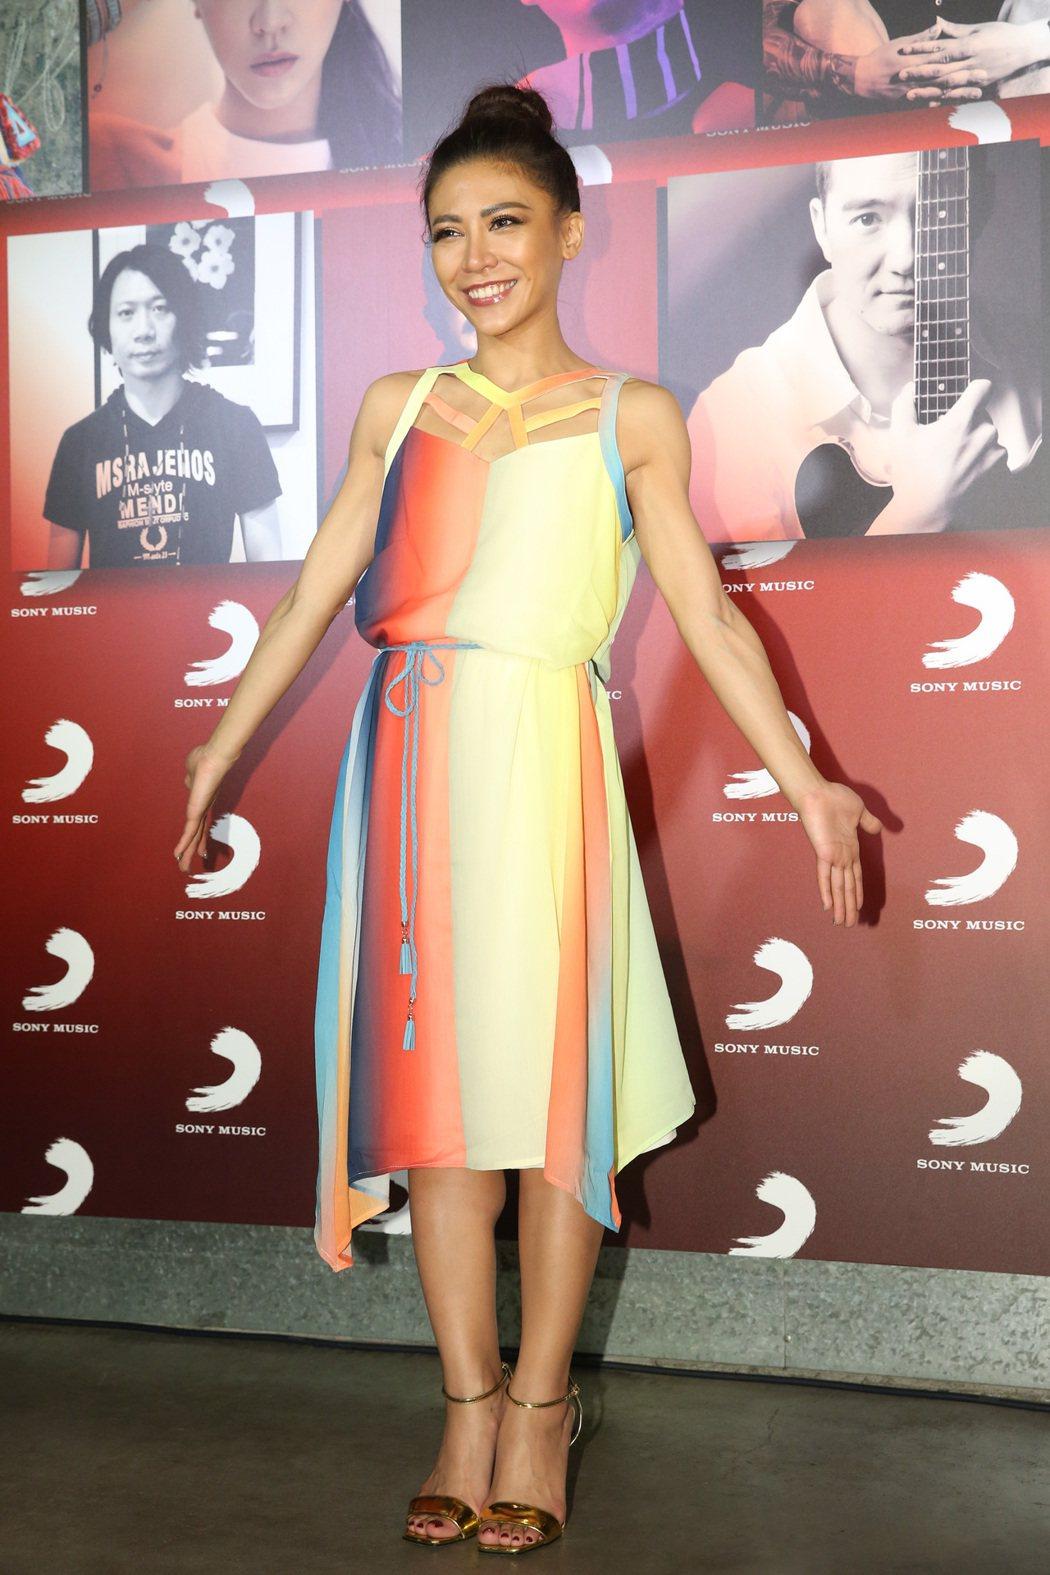 索尼唱片日前舉行慶功宴,艾怡良奪金曲歌后出席慶功宴。記者鄭清元/攝影